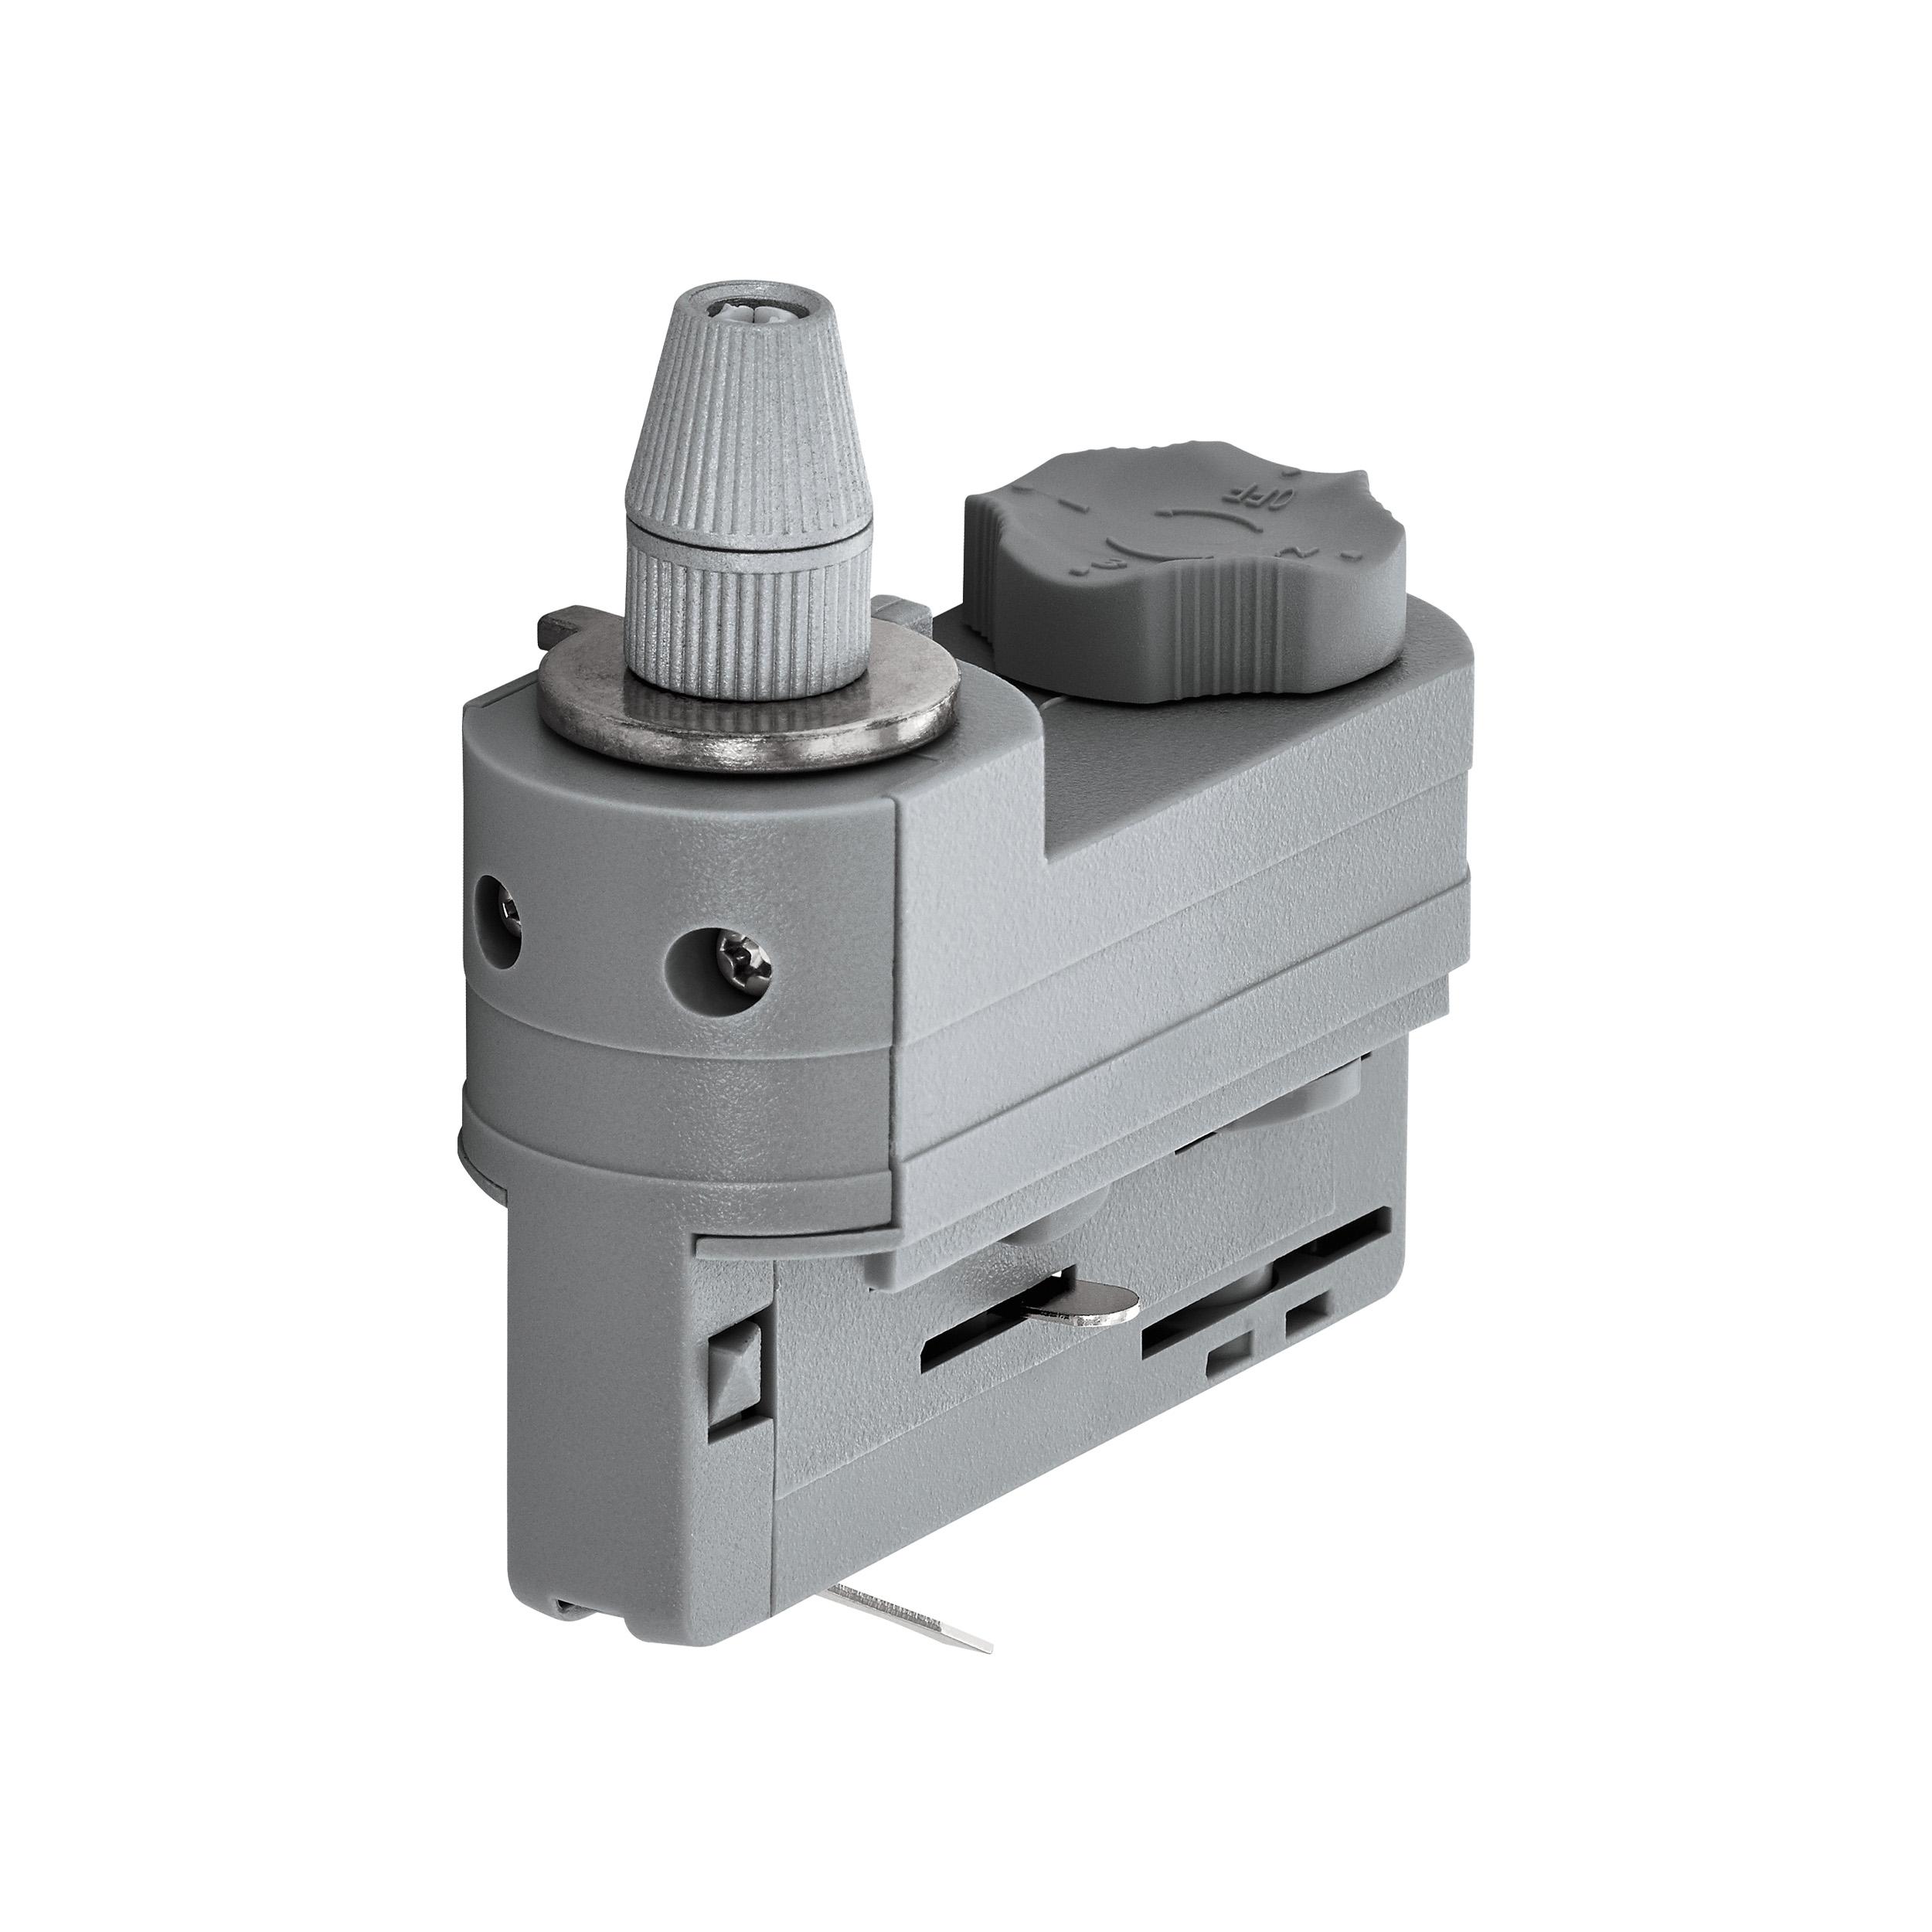 1 Stk 3-Phasen Adapter mit Zugentlastung silber Kunststoff LI60615---